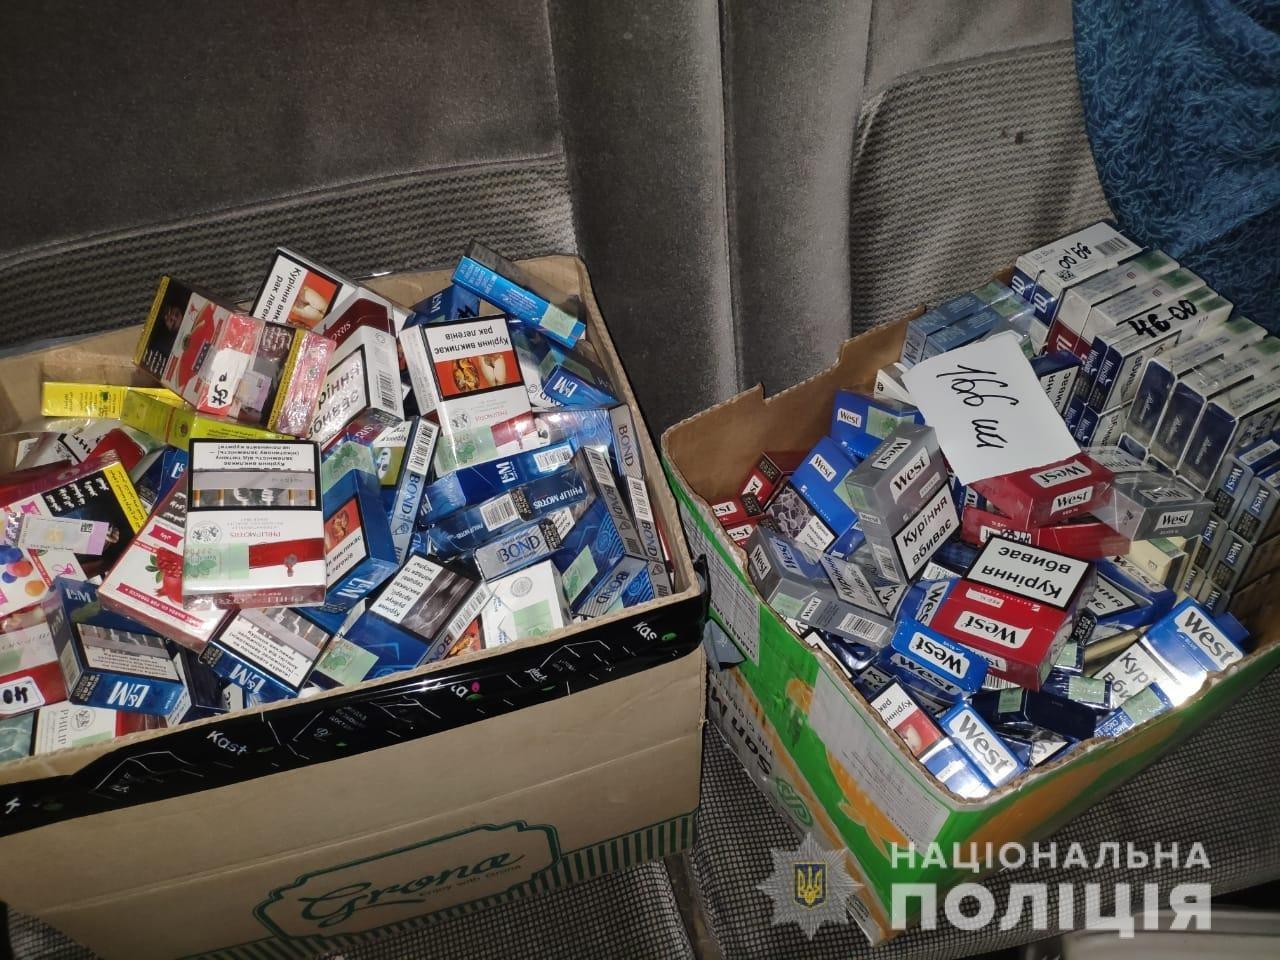 На Днепропетровщине полиция изъяла нелицензированный алкоголь и сигареты, - ФОТО, фото-2